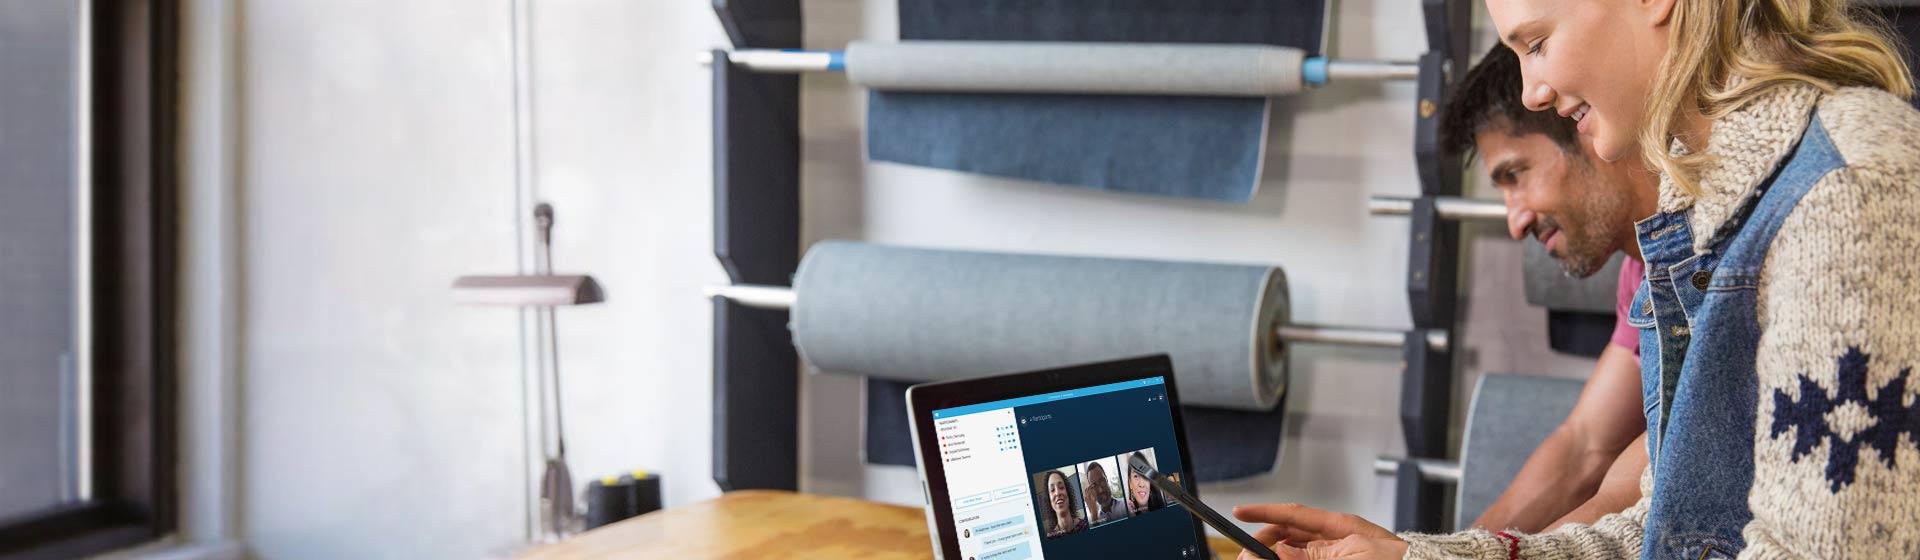 一对男女正在平板电脑上使用 Skype 会议,女士手持电话